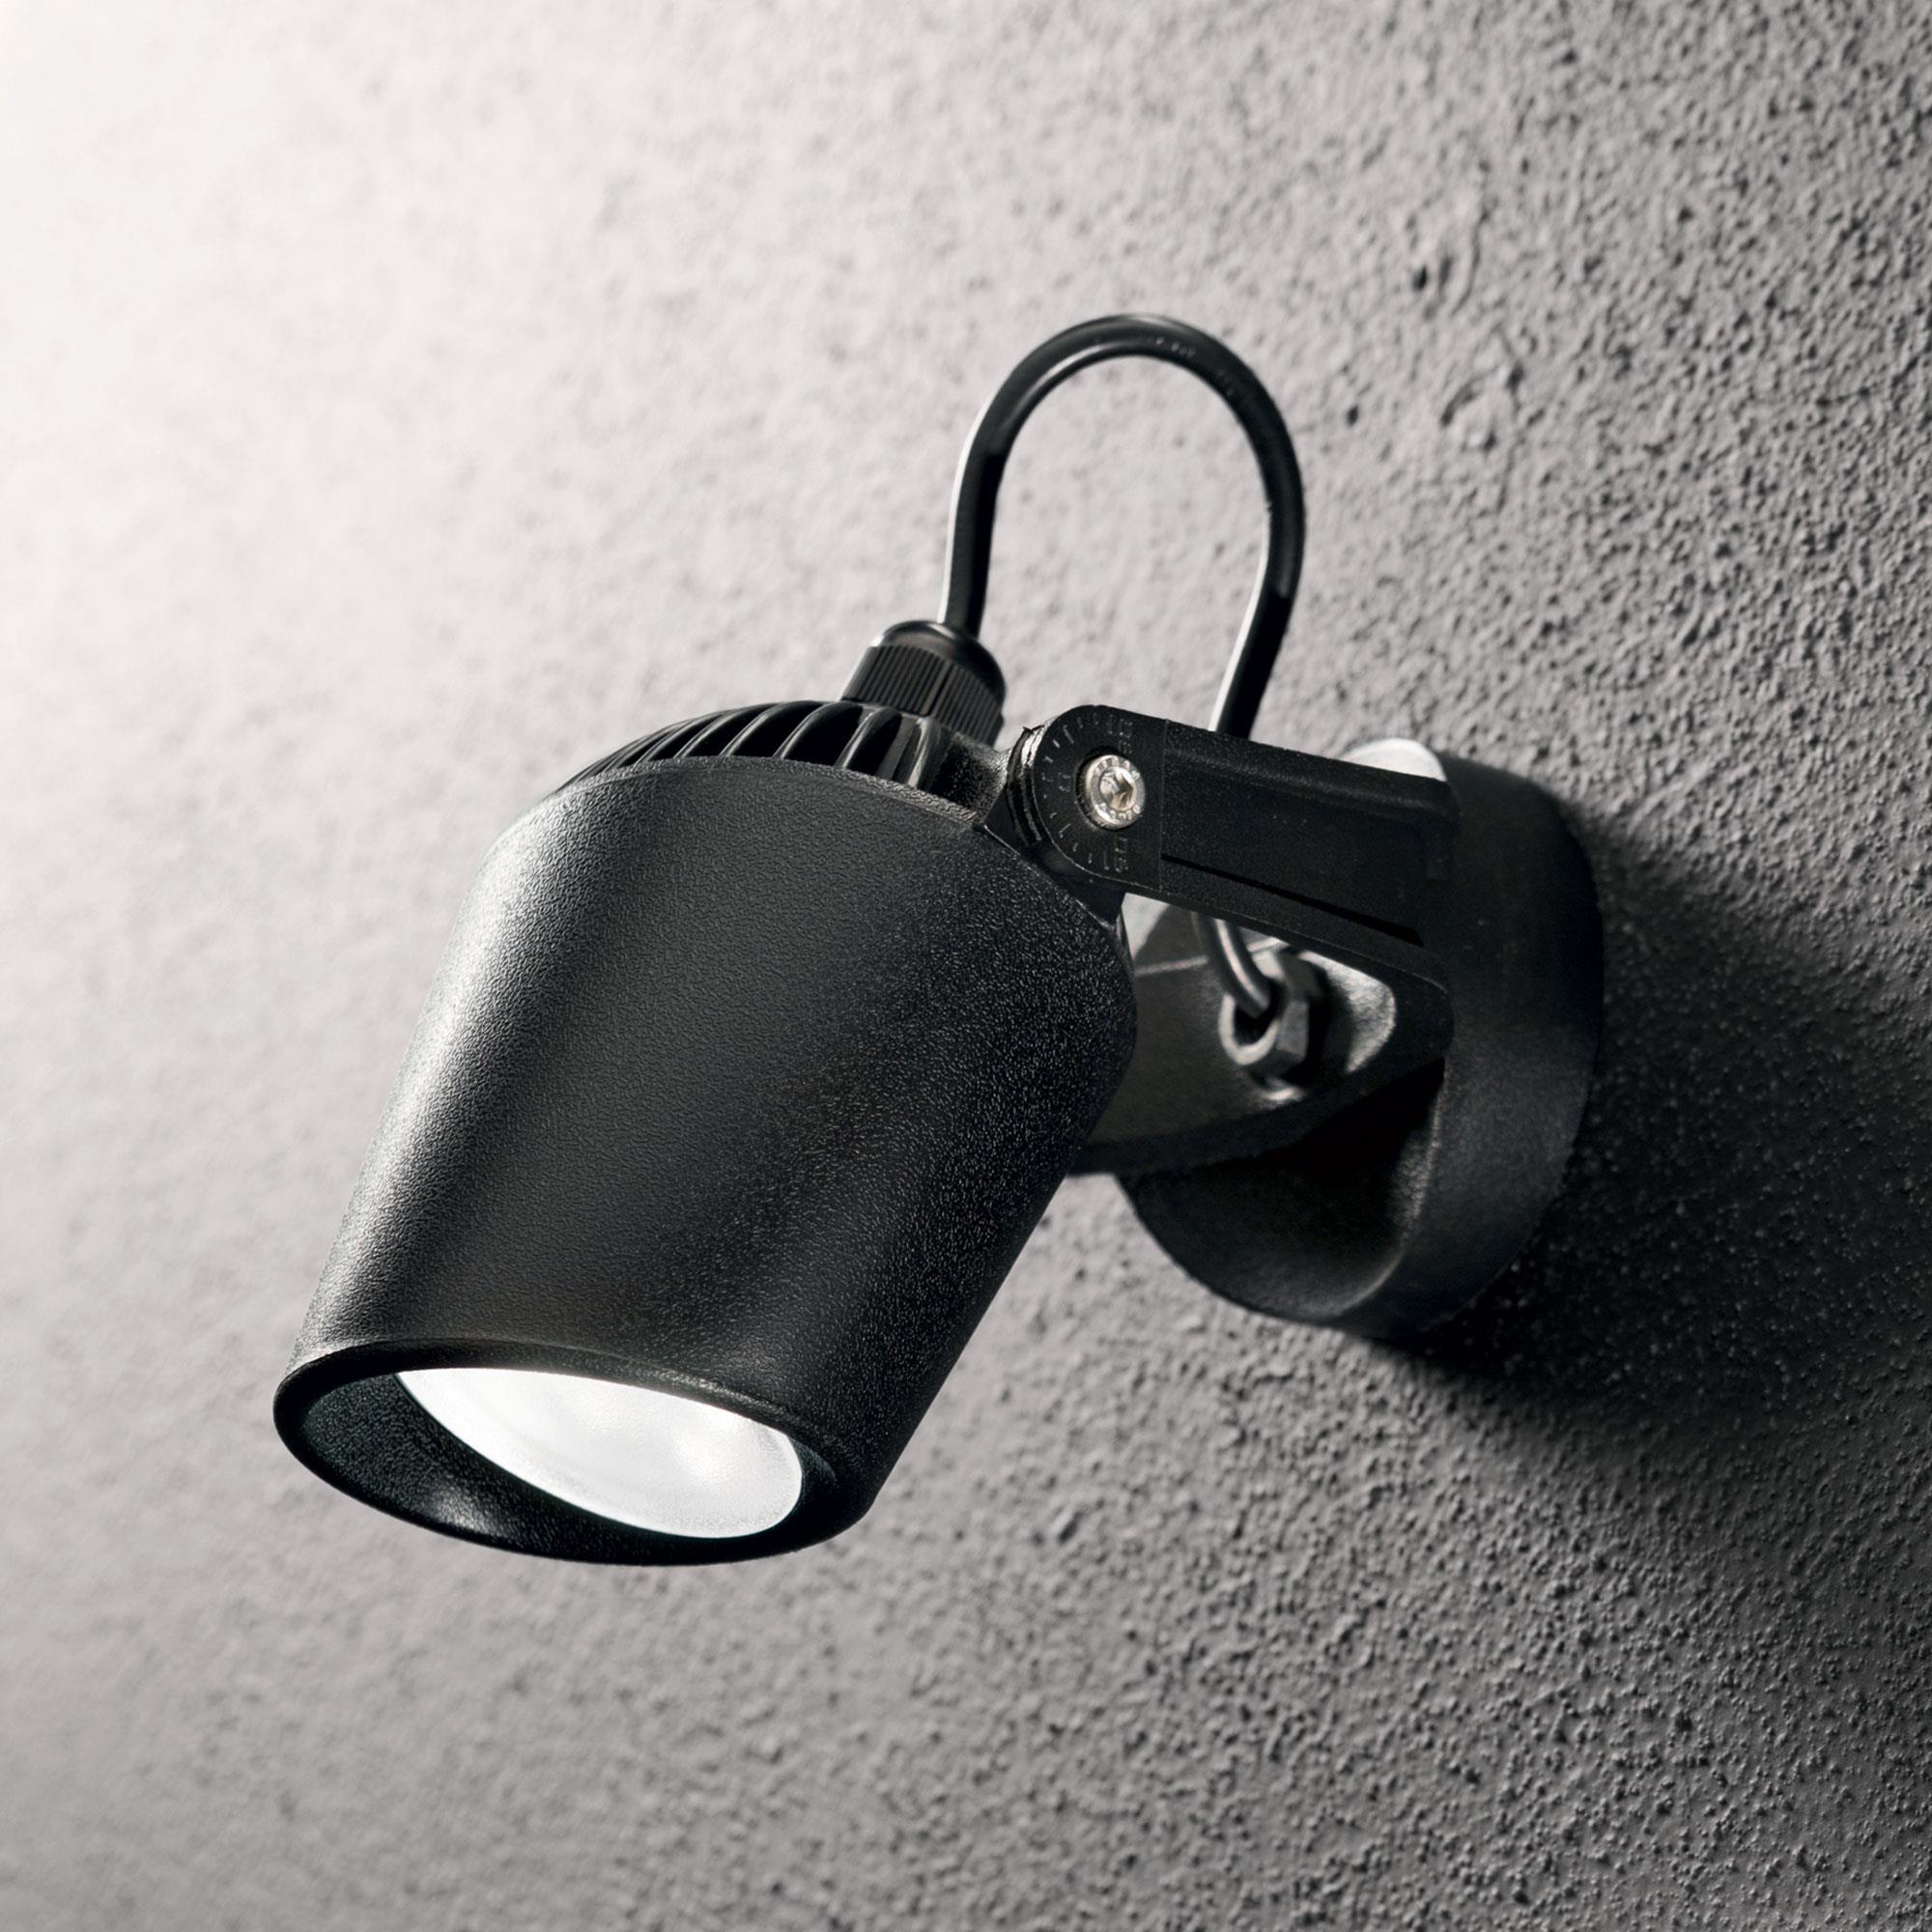 Ideal Lux 096476 Minitommy AP1 Nero kültéri falilámpa